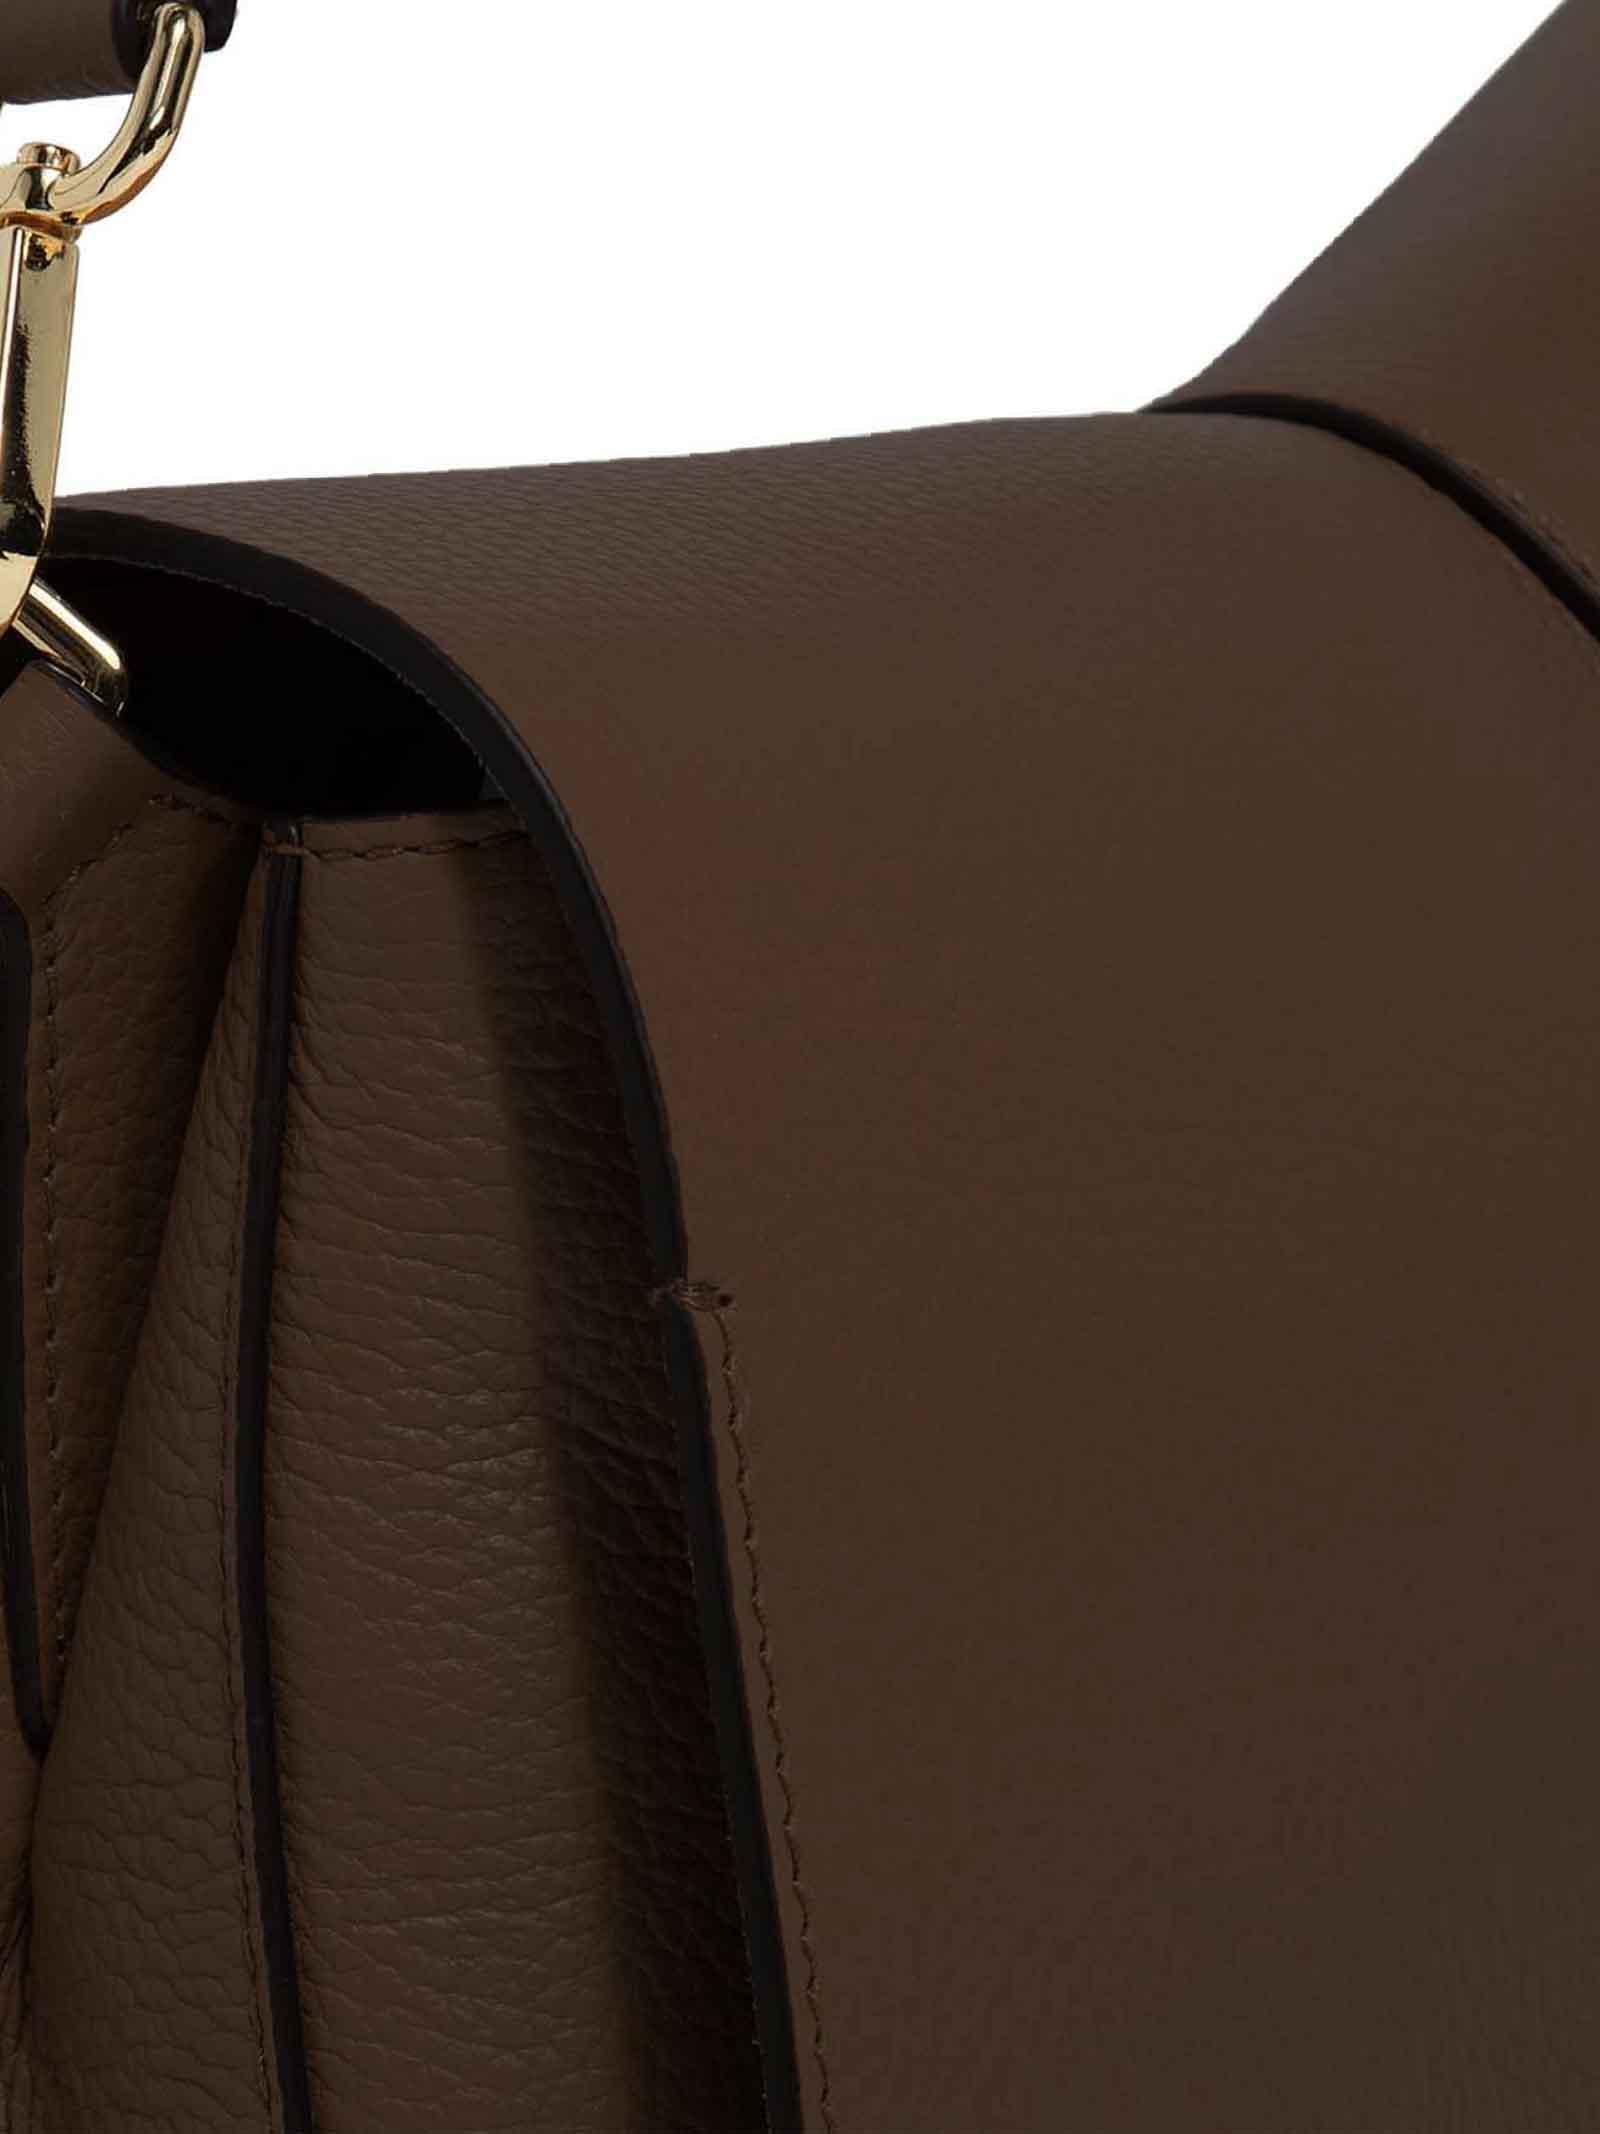 Borsa Donna a Tracolla Maxi Helena Round In Pelle Taupe con Patta e Doppia Tracolla in Tono Regolabili E Removibili Gianni Chiarini | Borse e zaini | BS6037442